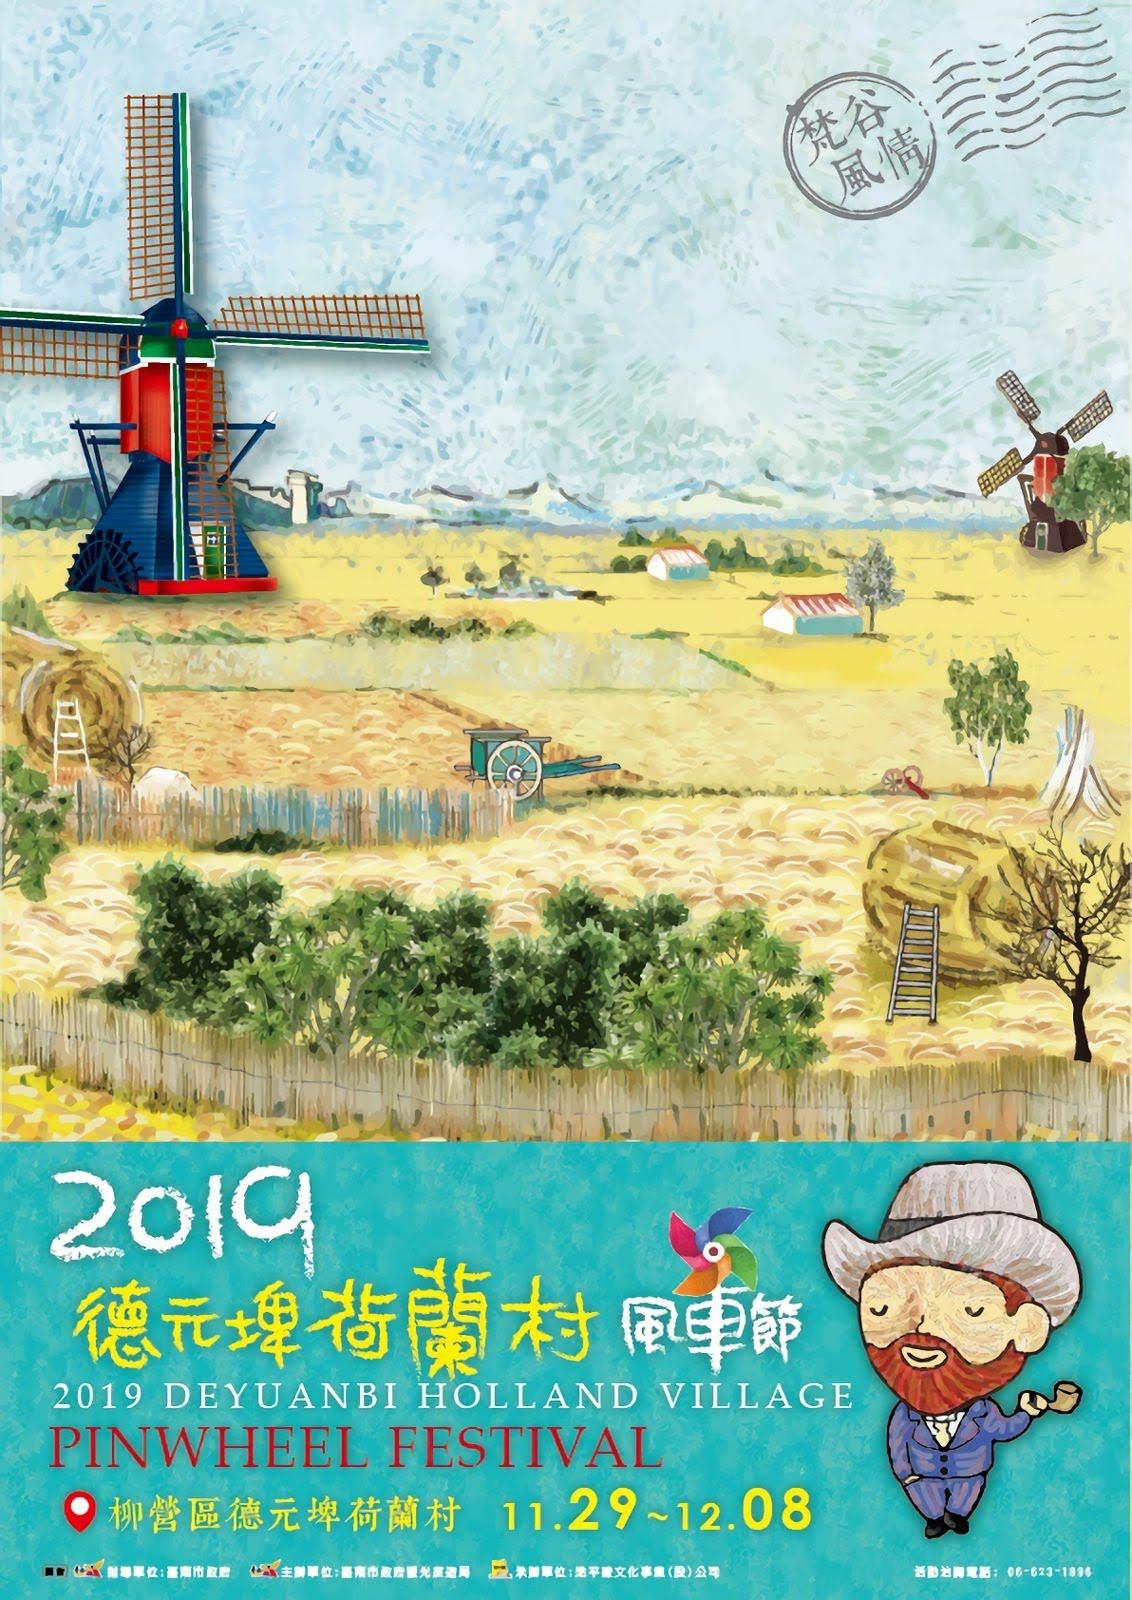 [活動] 2019德元埤荷蘭村風車節|與梵谷名畫一起大玩自拍